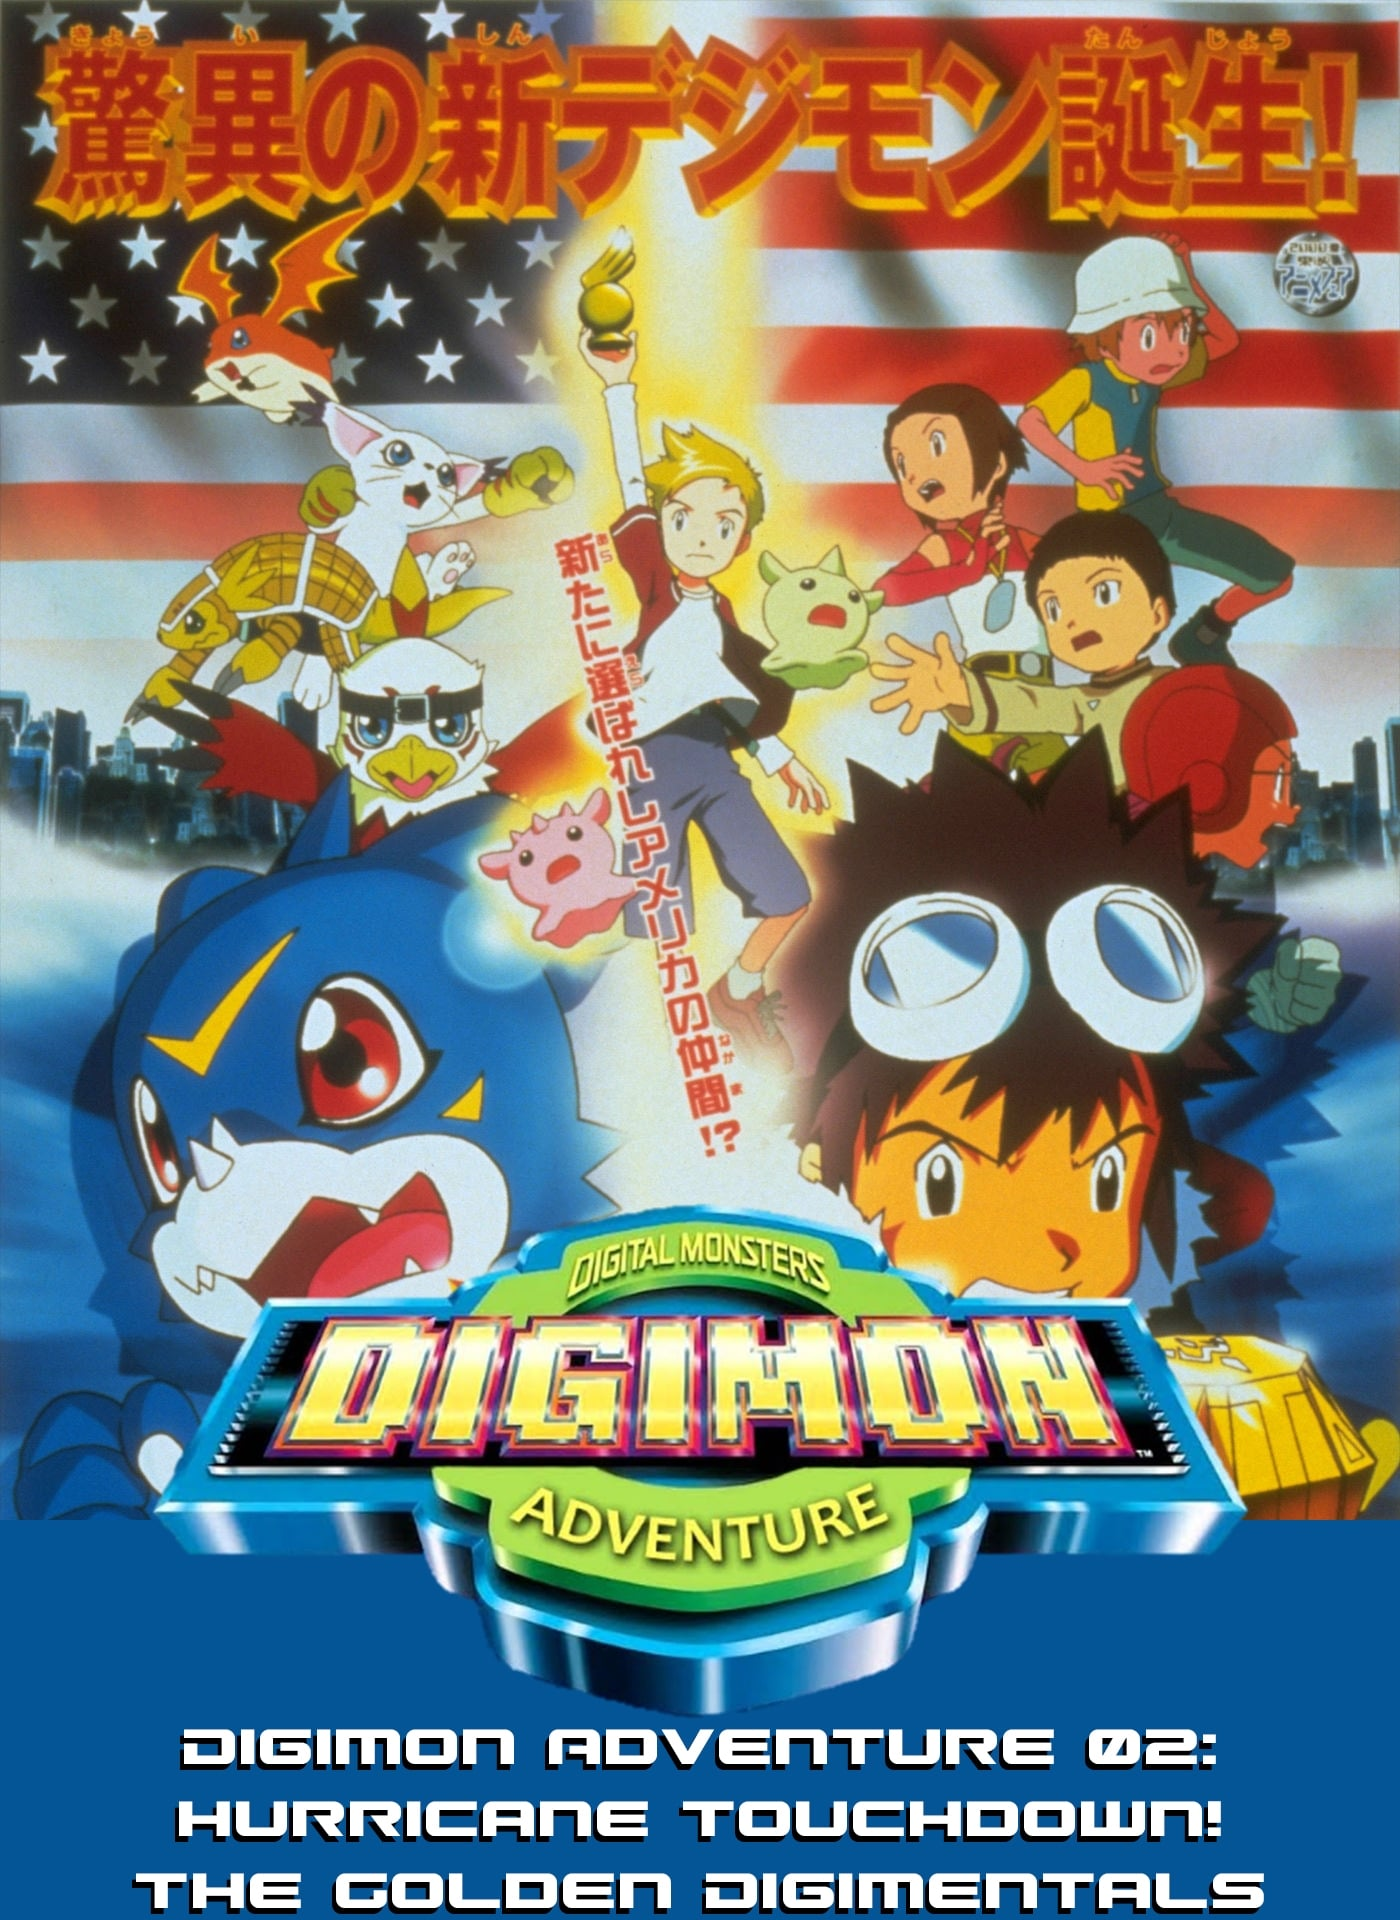 Digimon Adventure 02 - Hurricane Touchdown! The Golden Digimentals (2000)